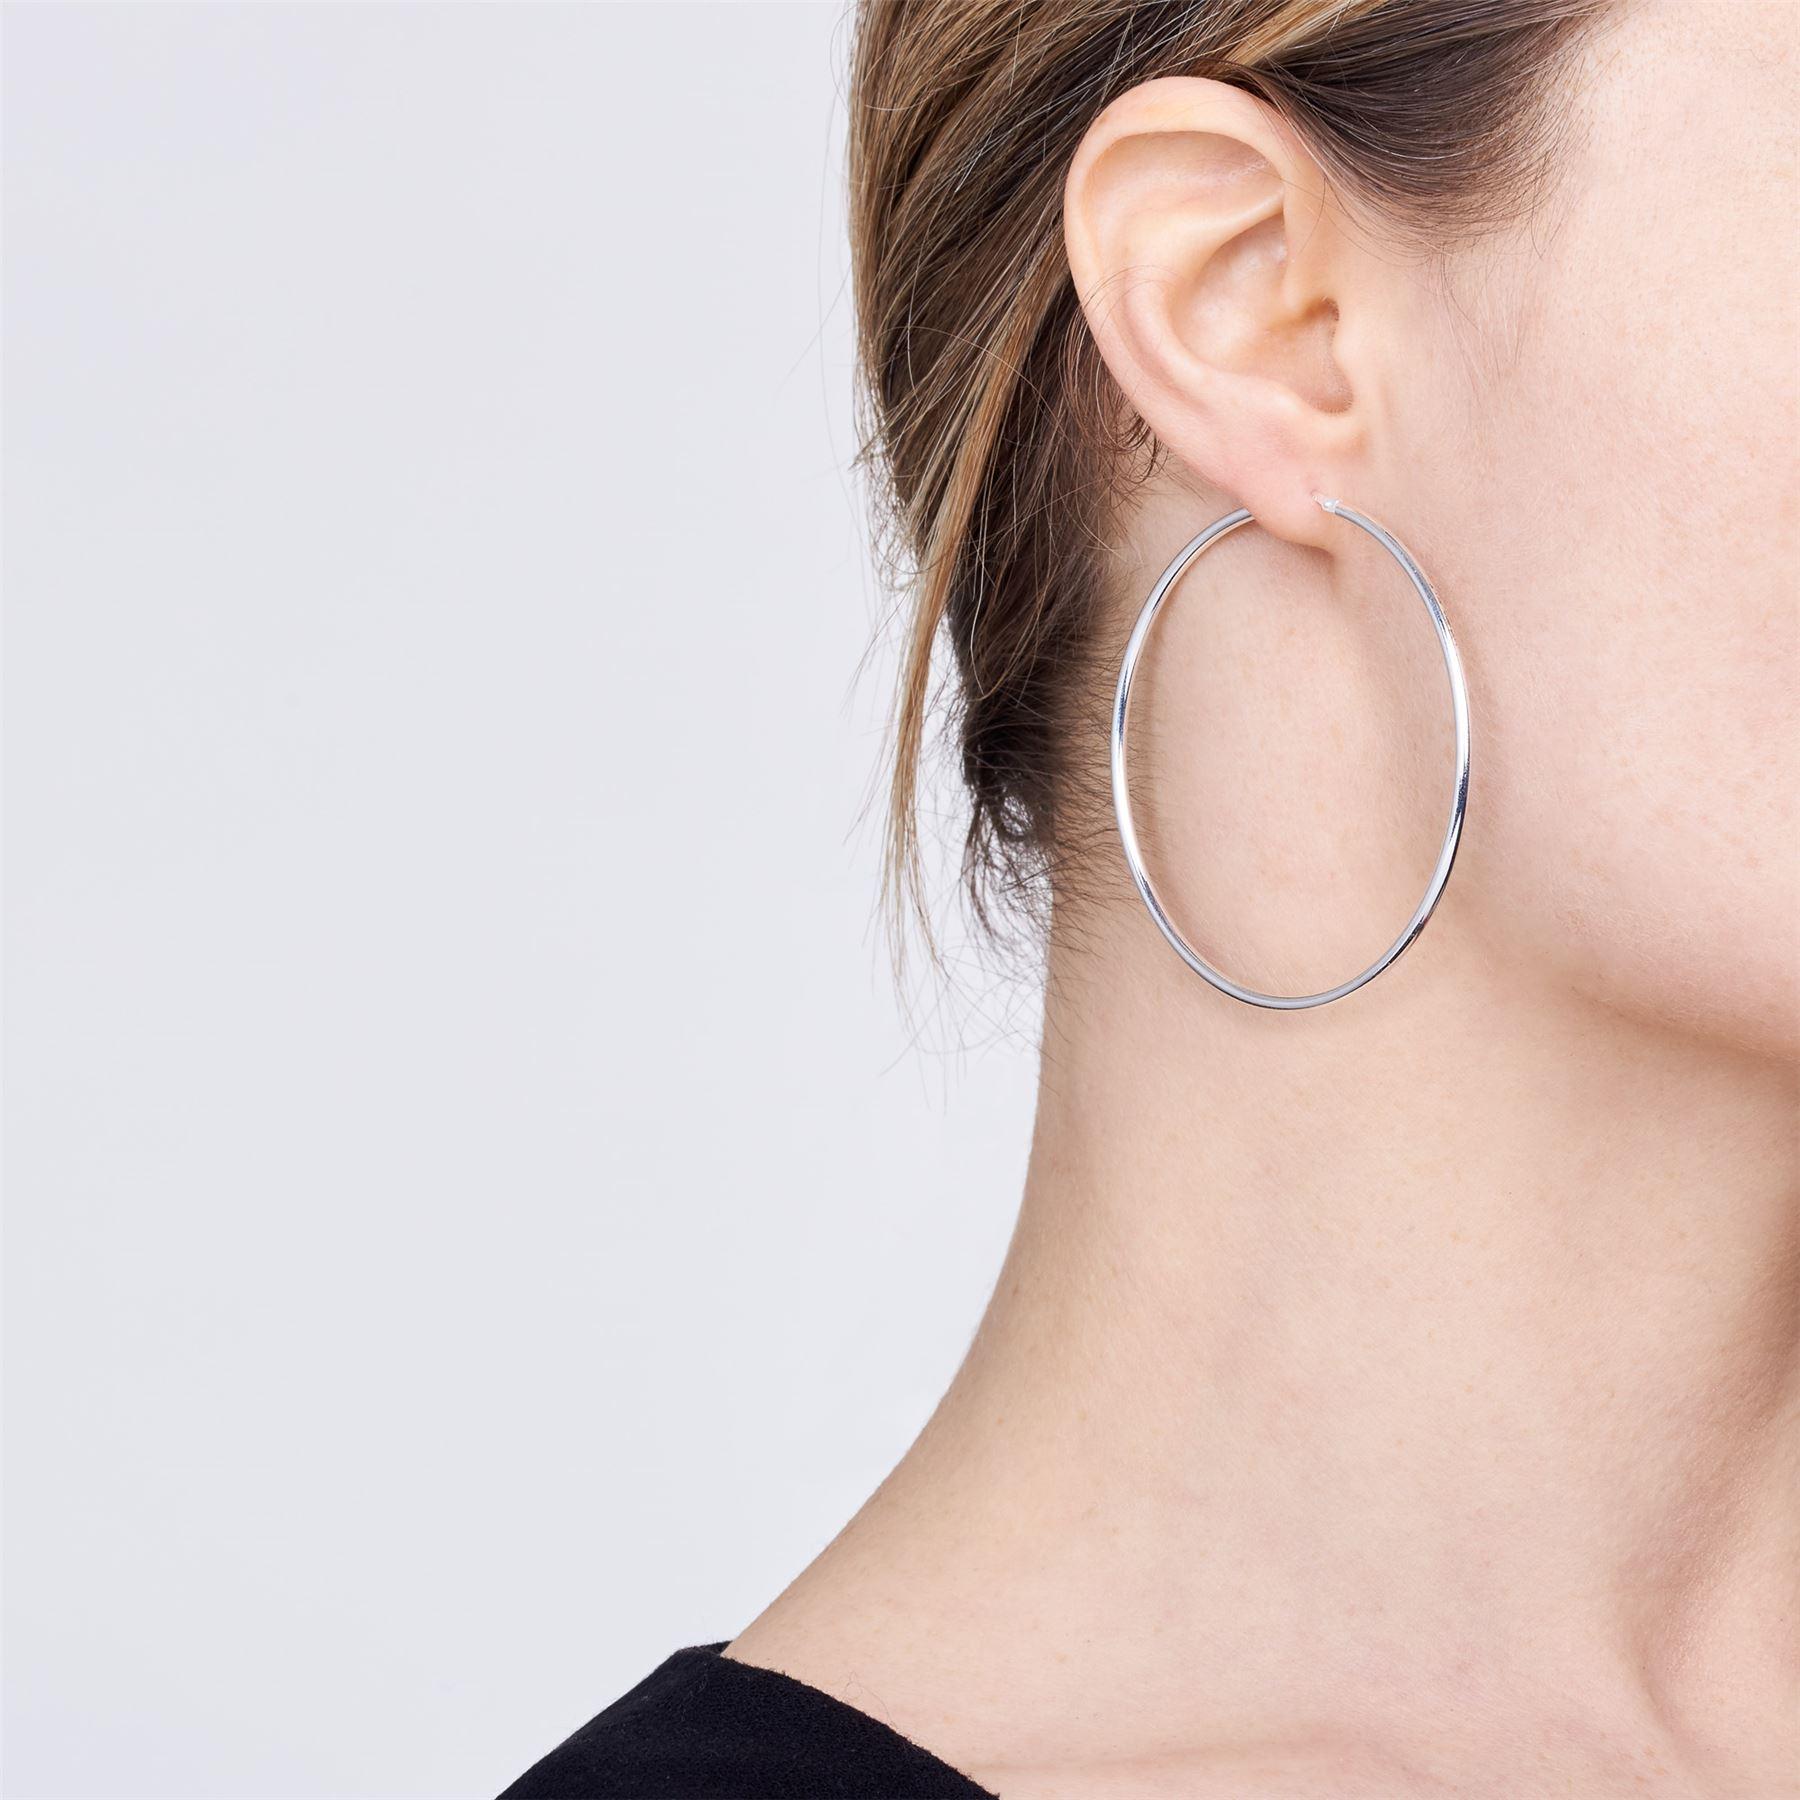 Amberta-Pendientes-para-Mujer-Aros-en-Plata-De-Ley-925-Autentica-Estilo-Clasico miniatura 42